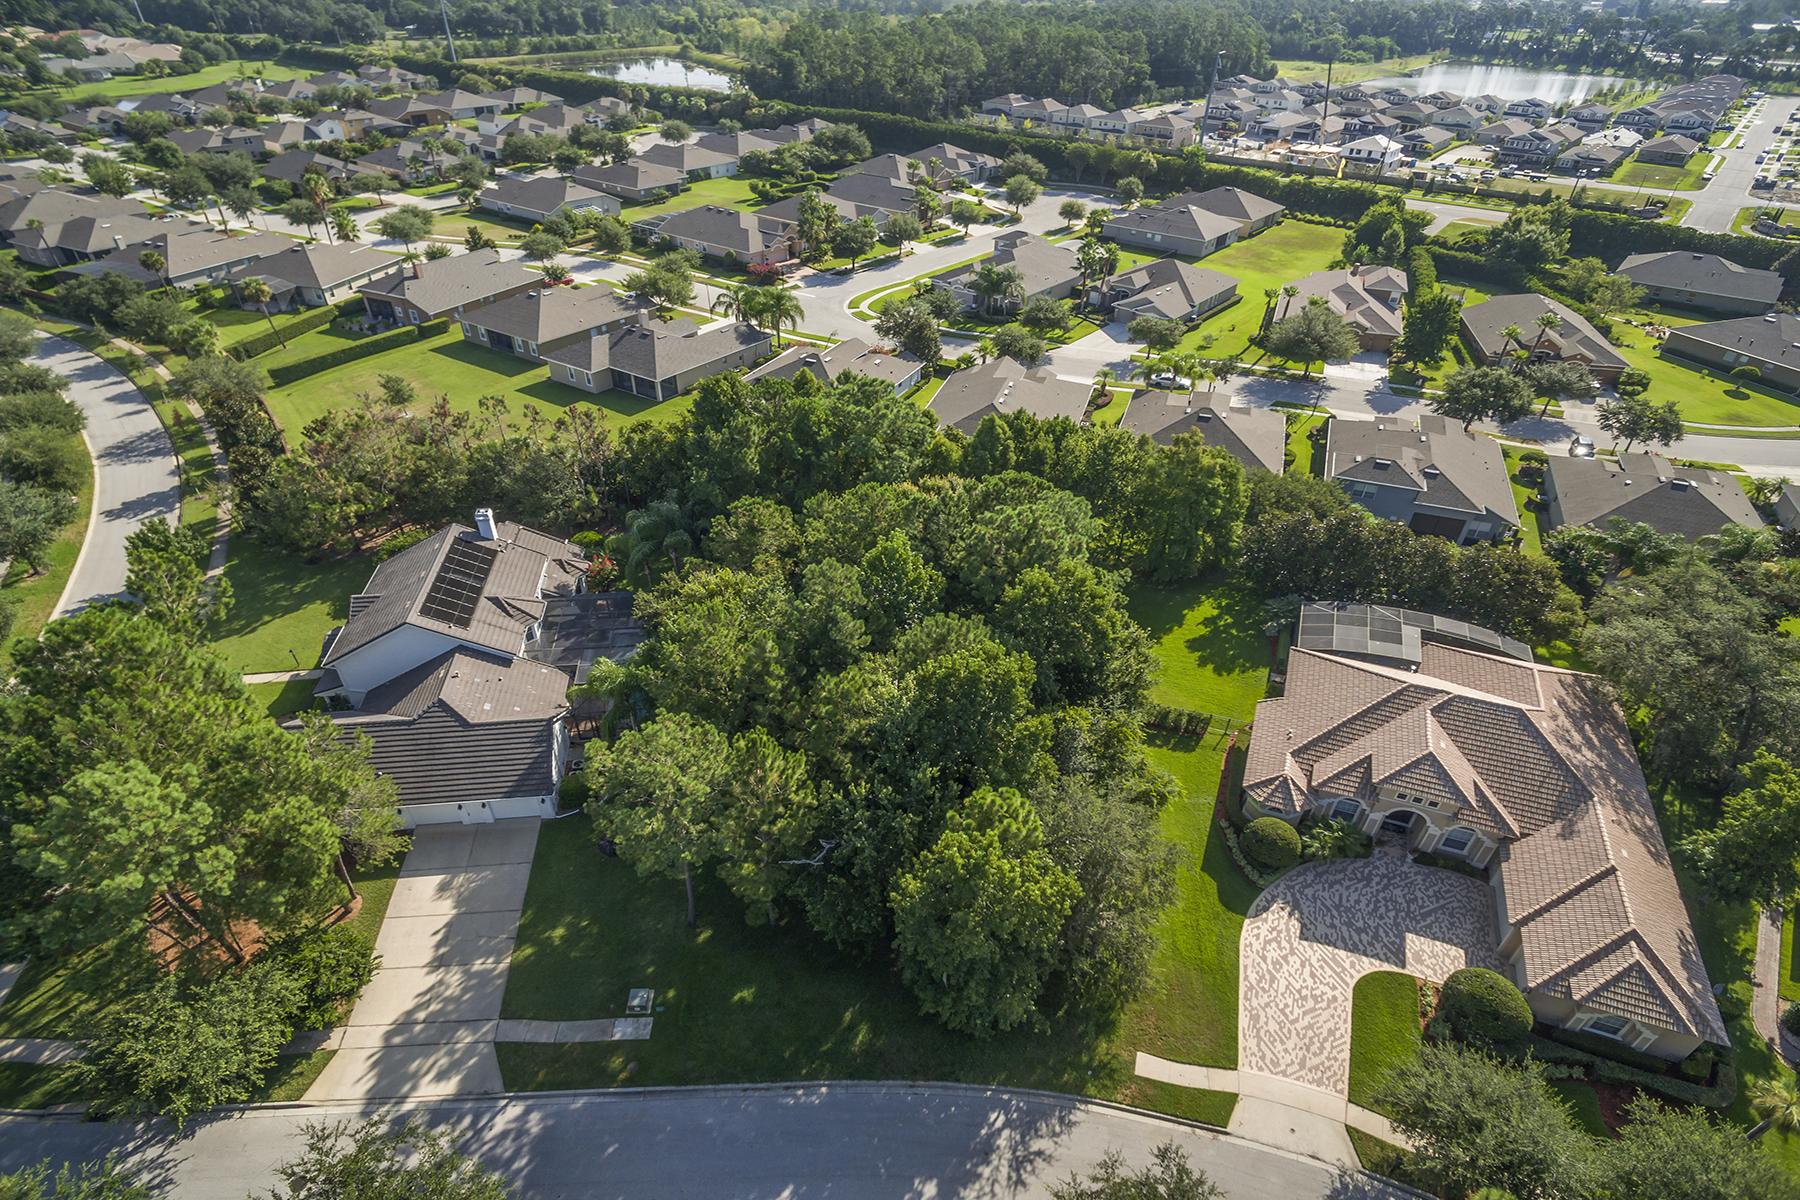 단독 가정 주택 용 매매 에 SANFORD, FLORIDA 793 Whooping Crane Ct Sanford, 플로리다, 32771 미국